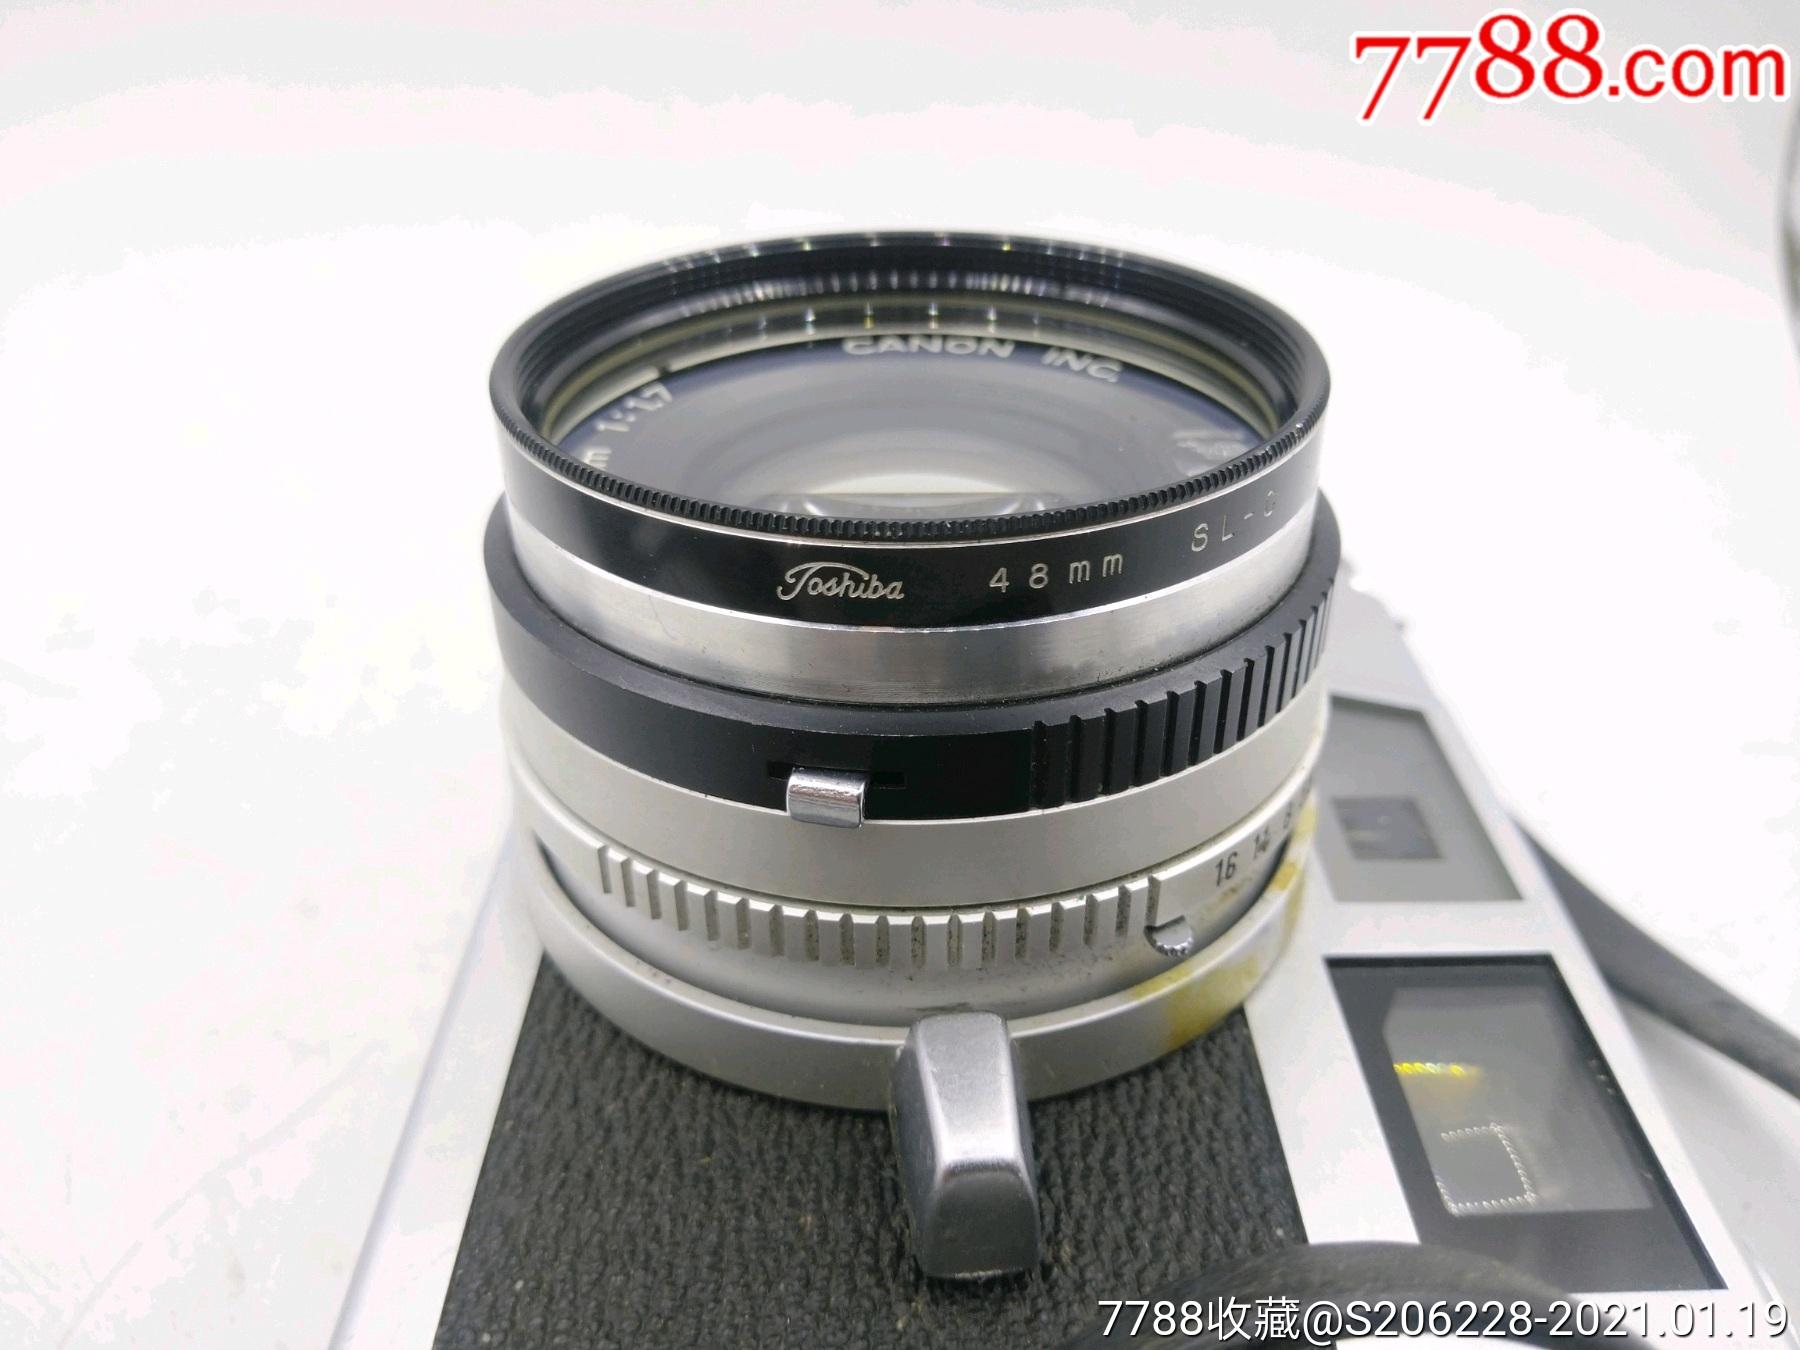 229★Canon_Canonet-QL17旁軸相機/機身編號:643049_價格260元_第17張_